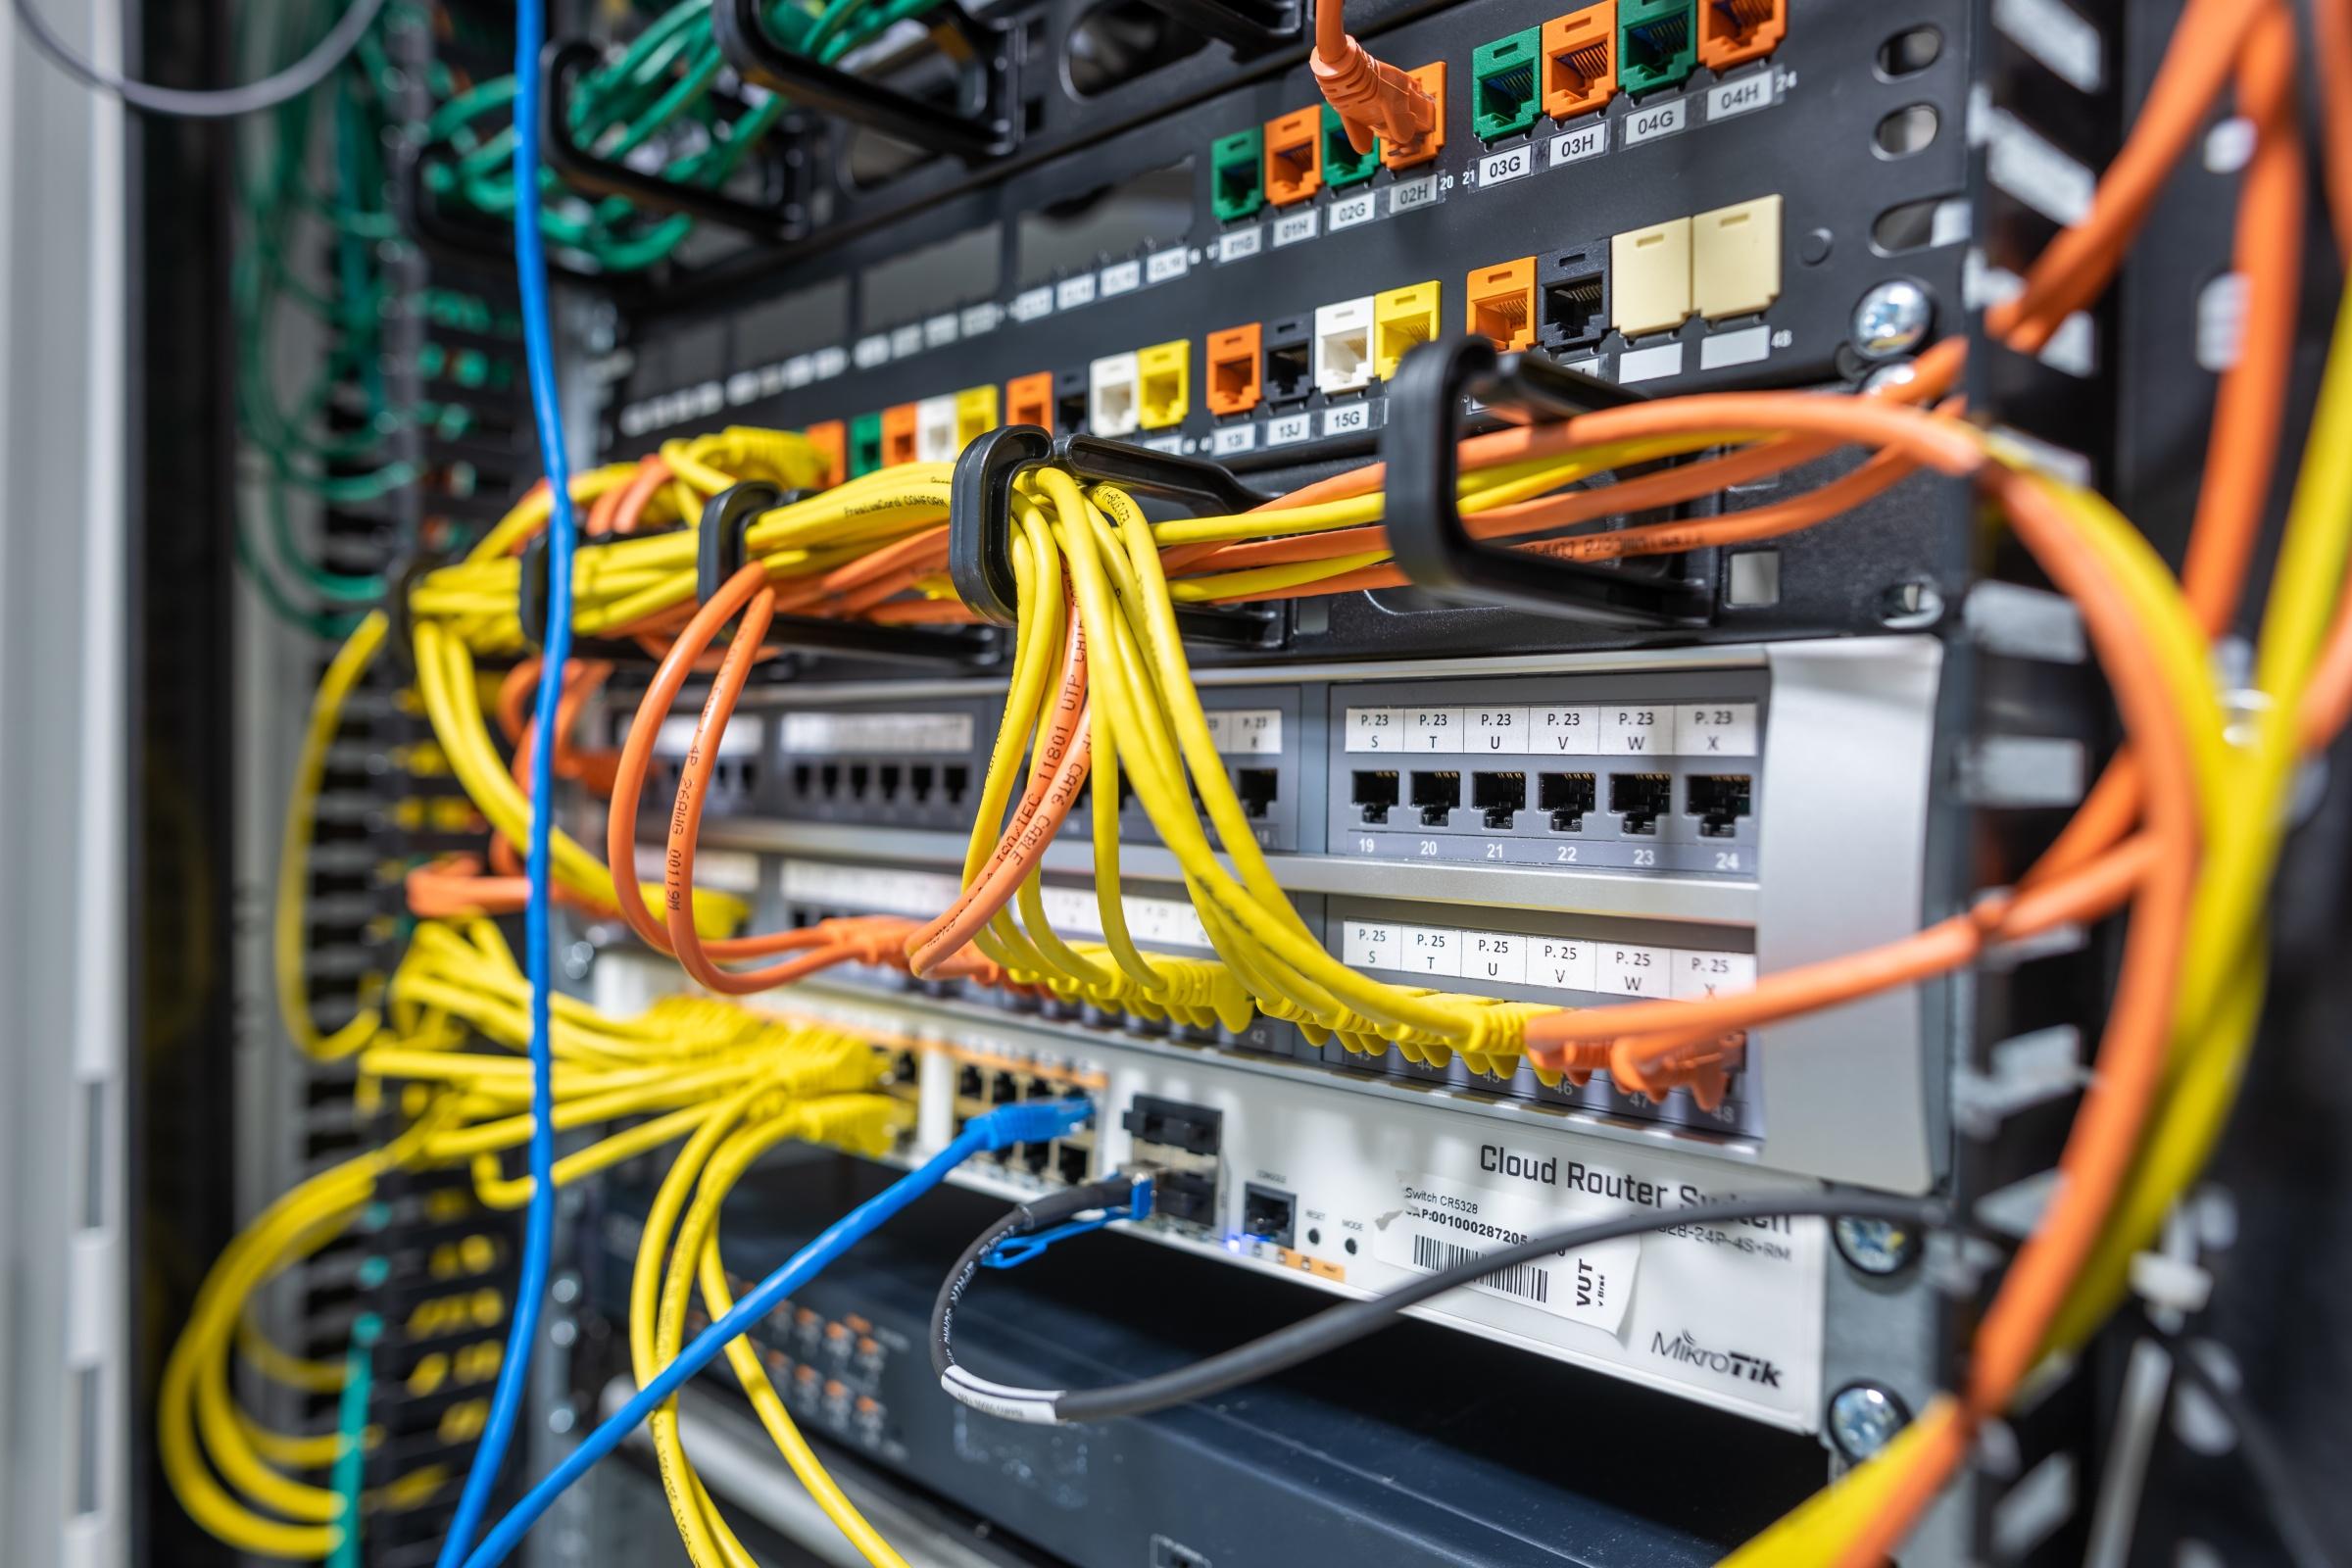 Fiber Optics Group - Vývojové pracoviště výzkumné skupiny Fiber Optics Group